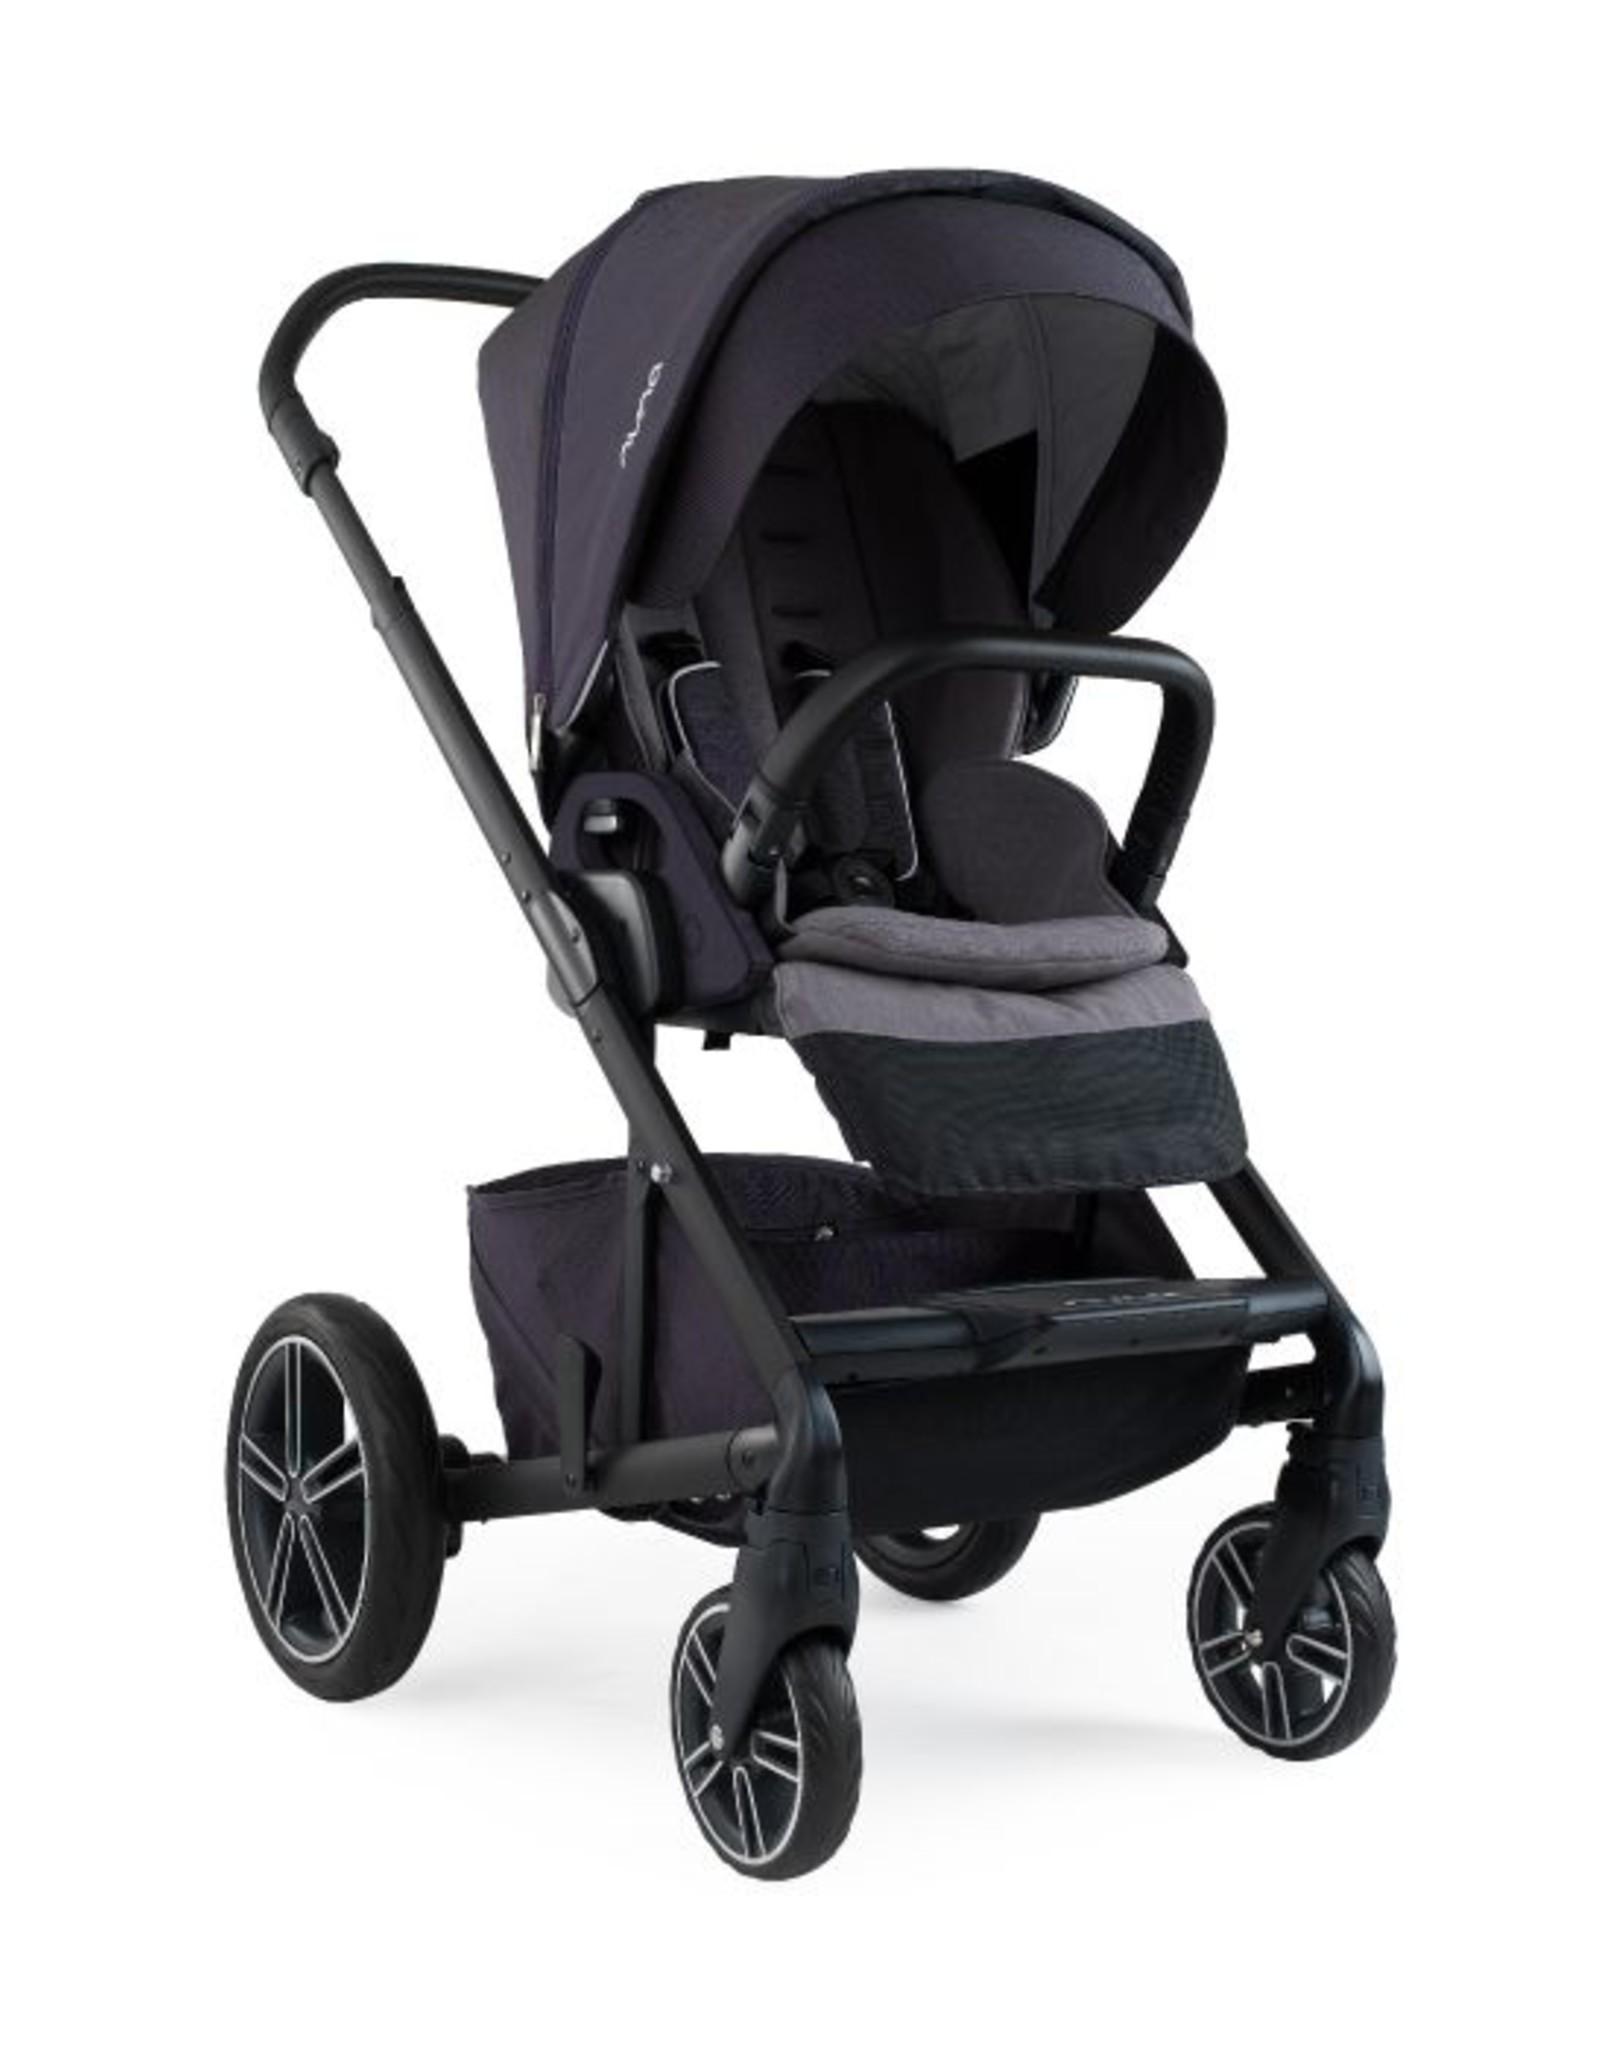 Nuna Nuna Mixx2 Stroller